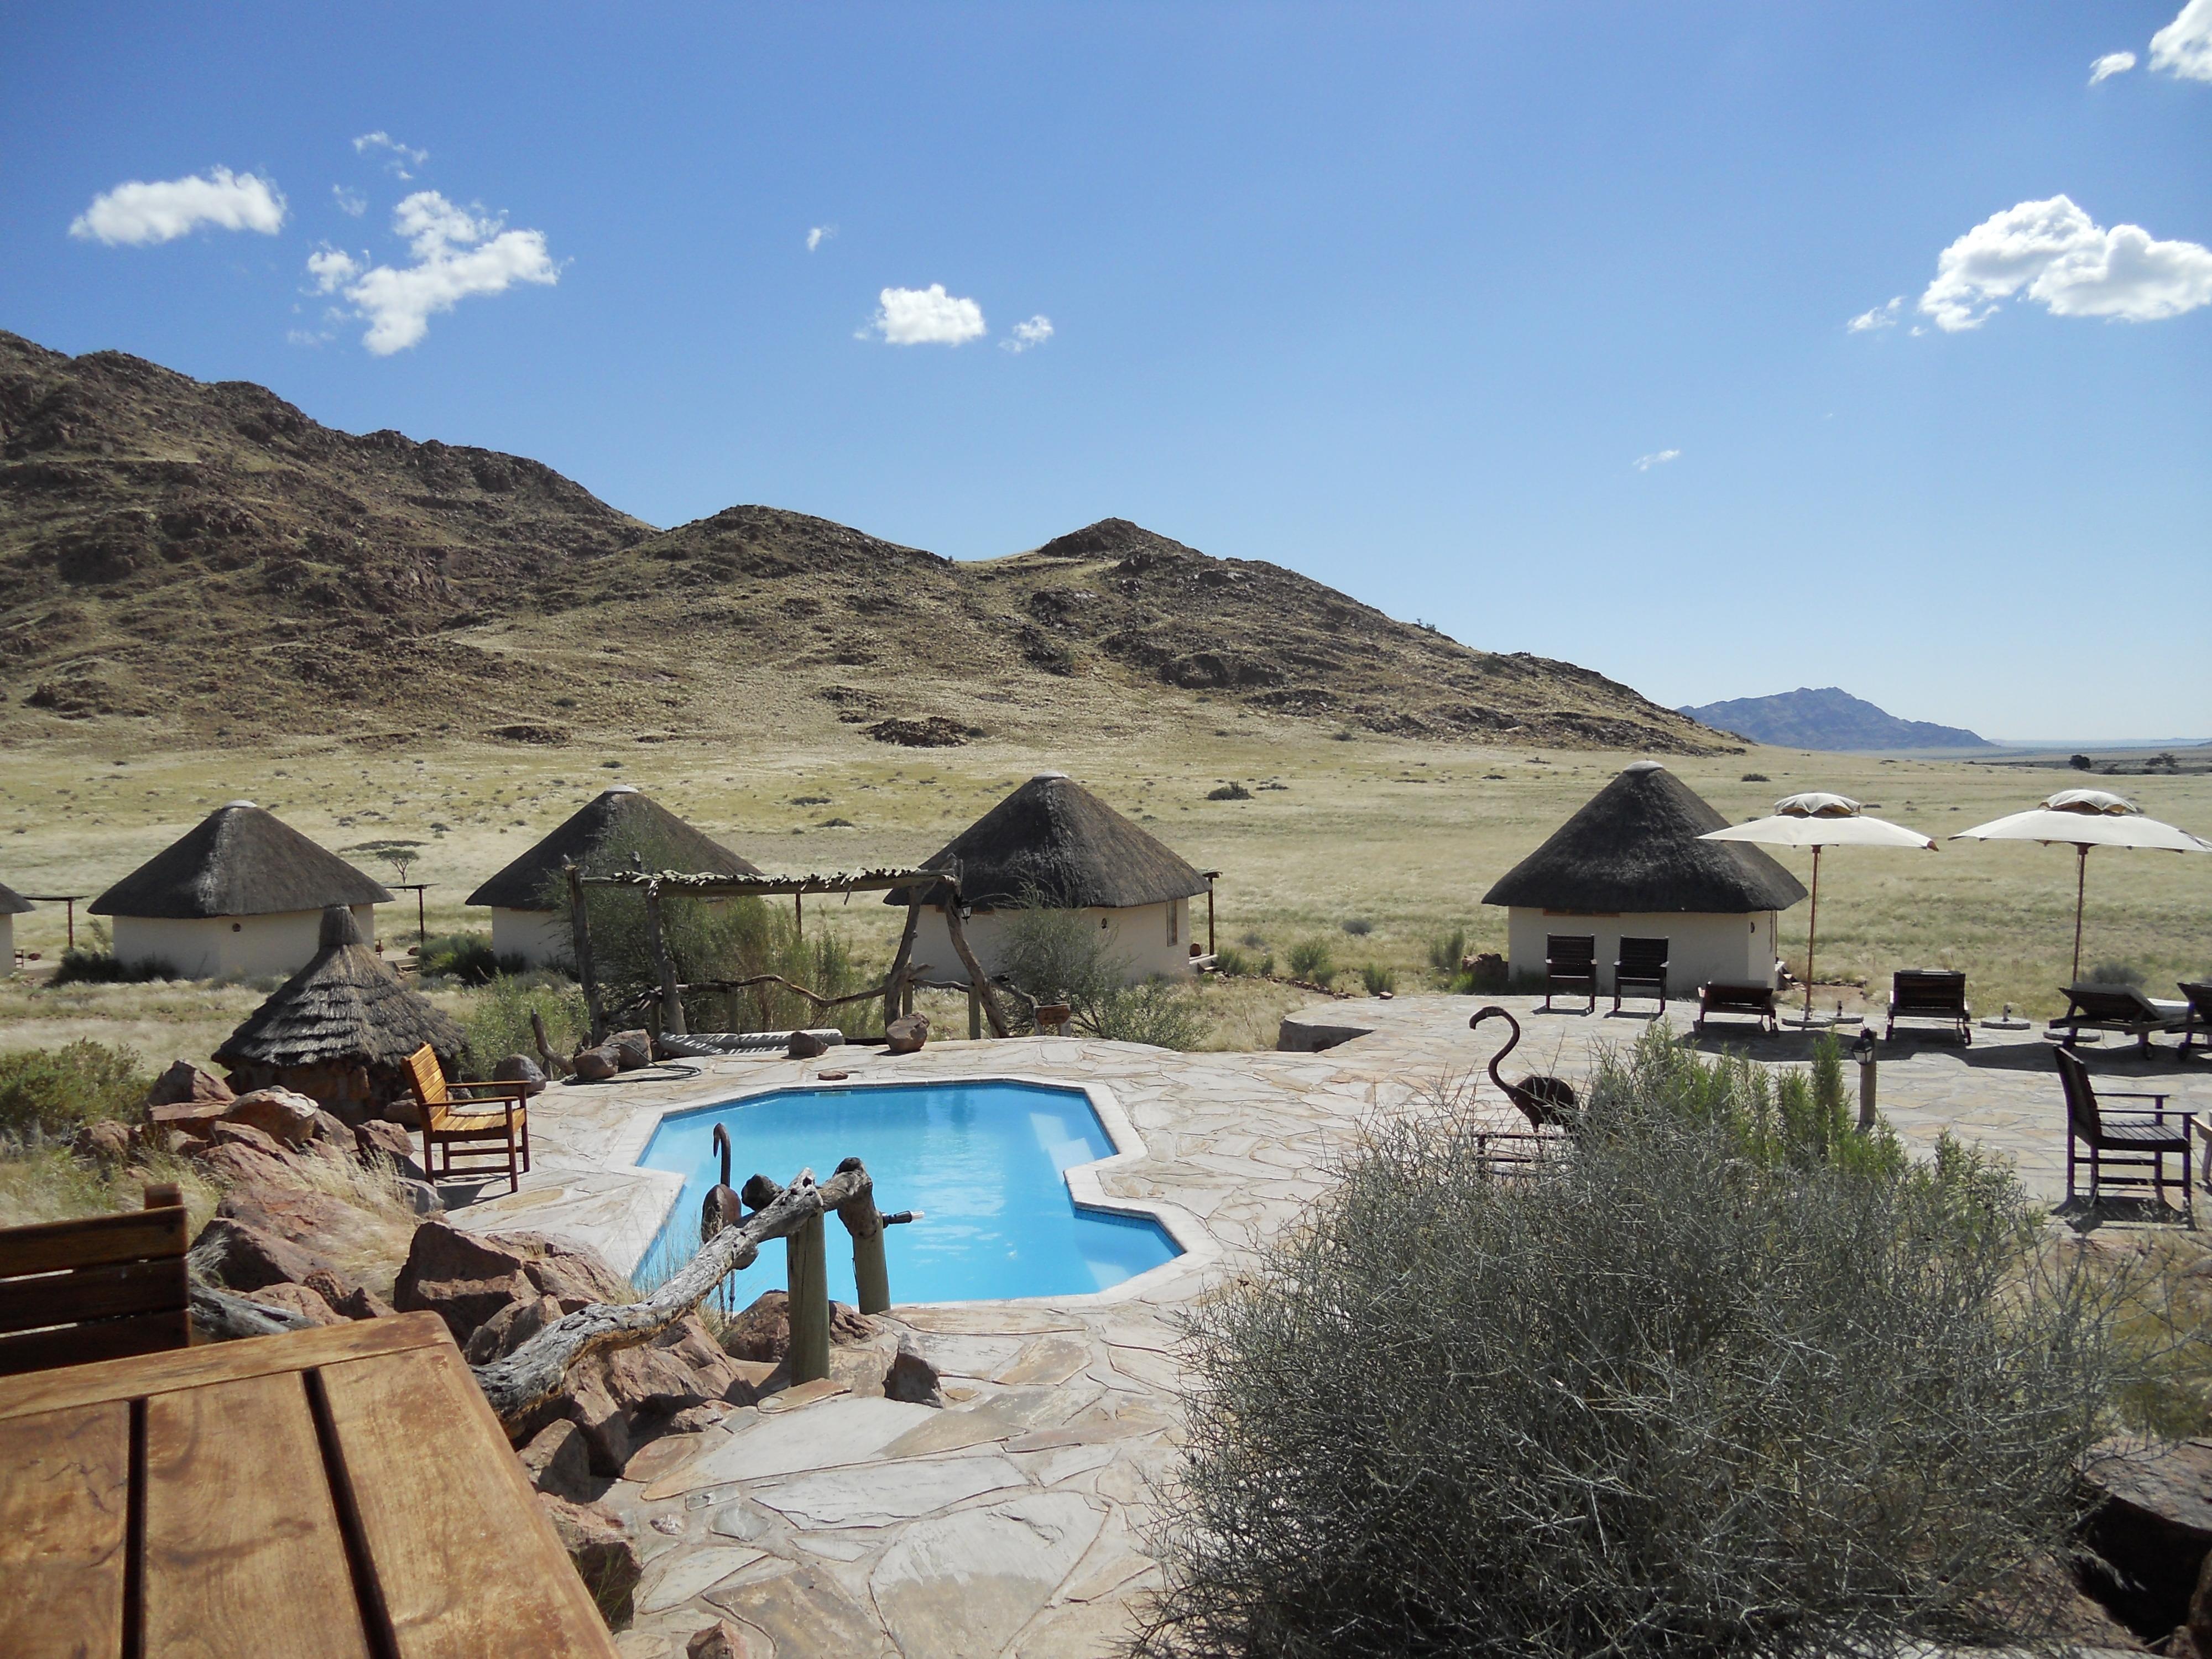 the desert homestead